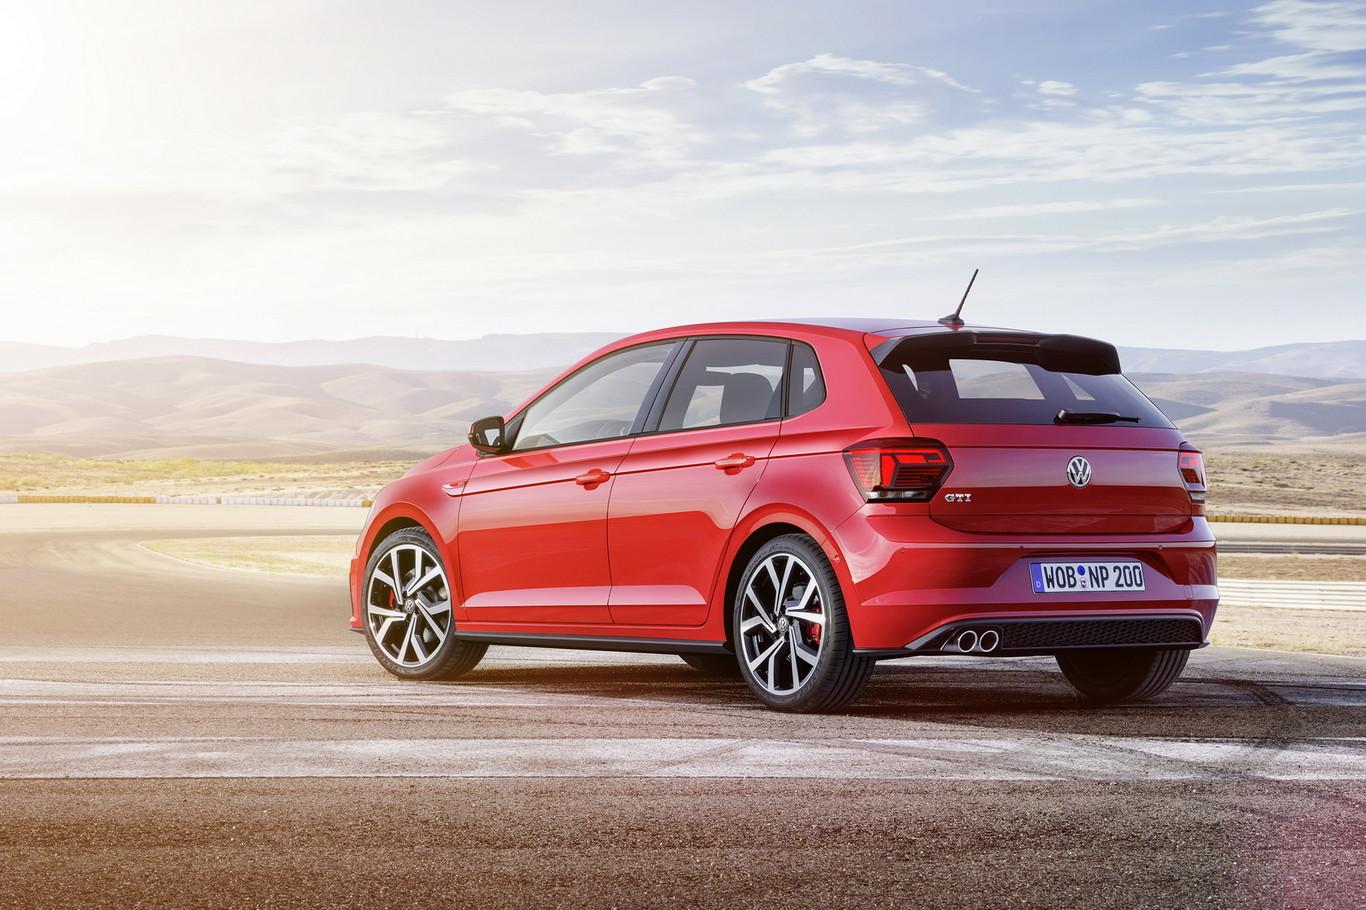 Parte trasera del Polo GTI Volkswagen